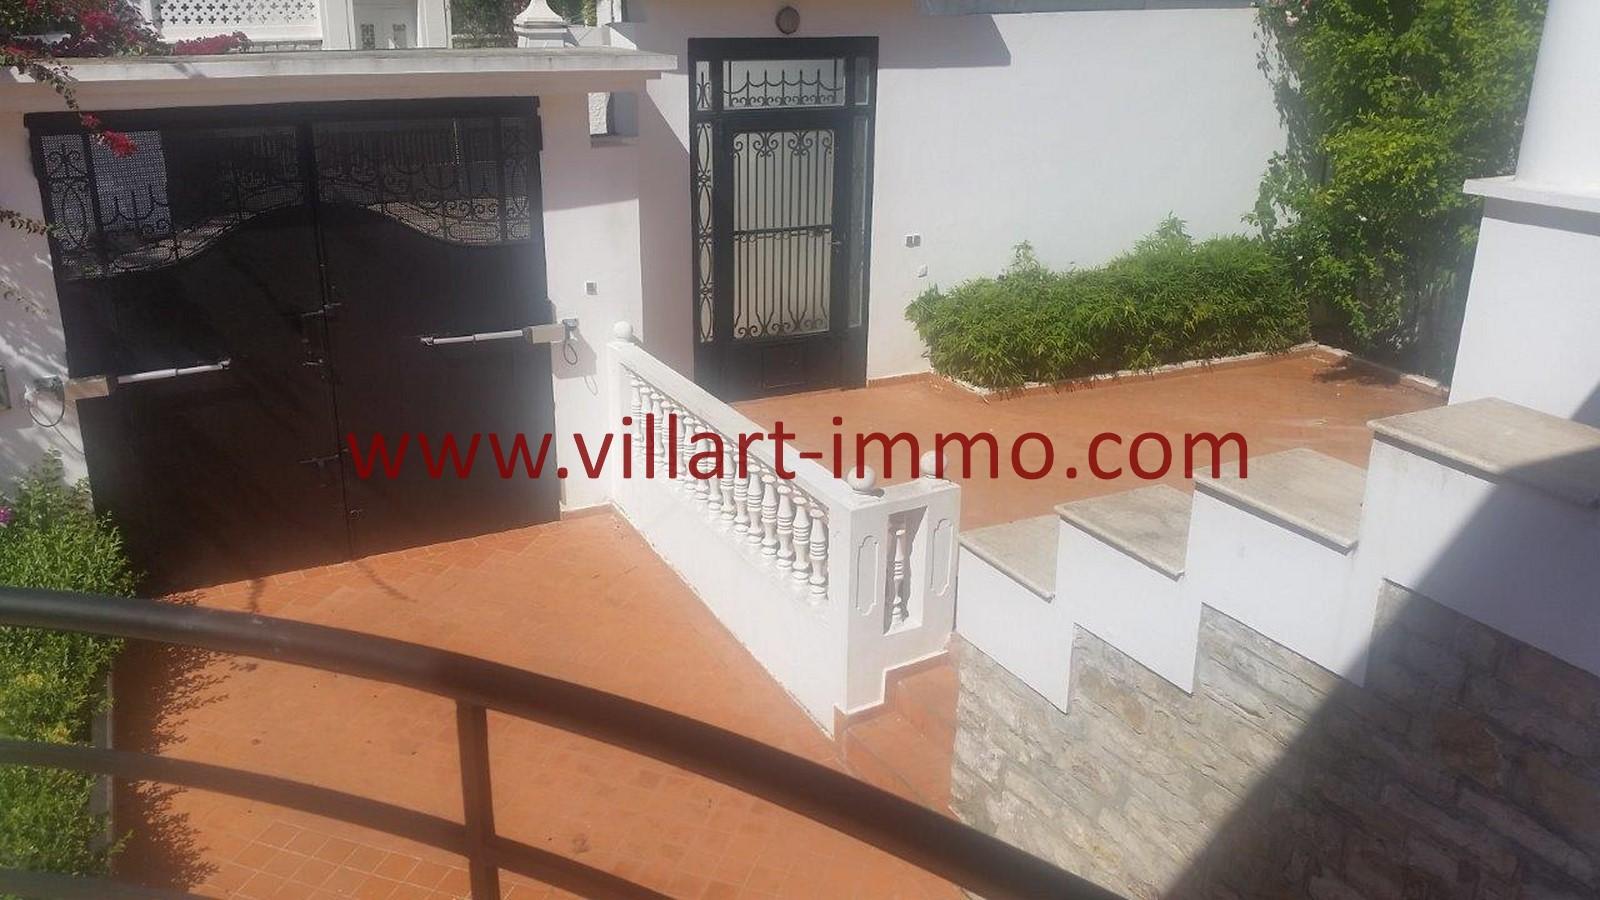 2-a-louer-villa-non-meuble-tanger-entree-lv967-villart-immo